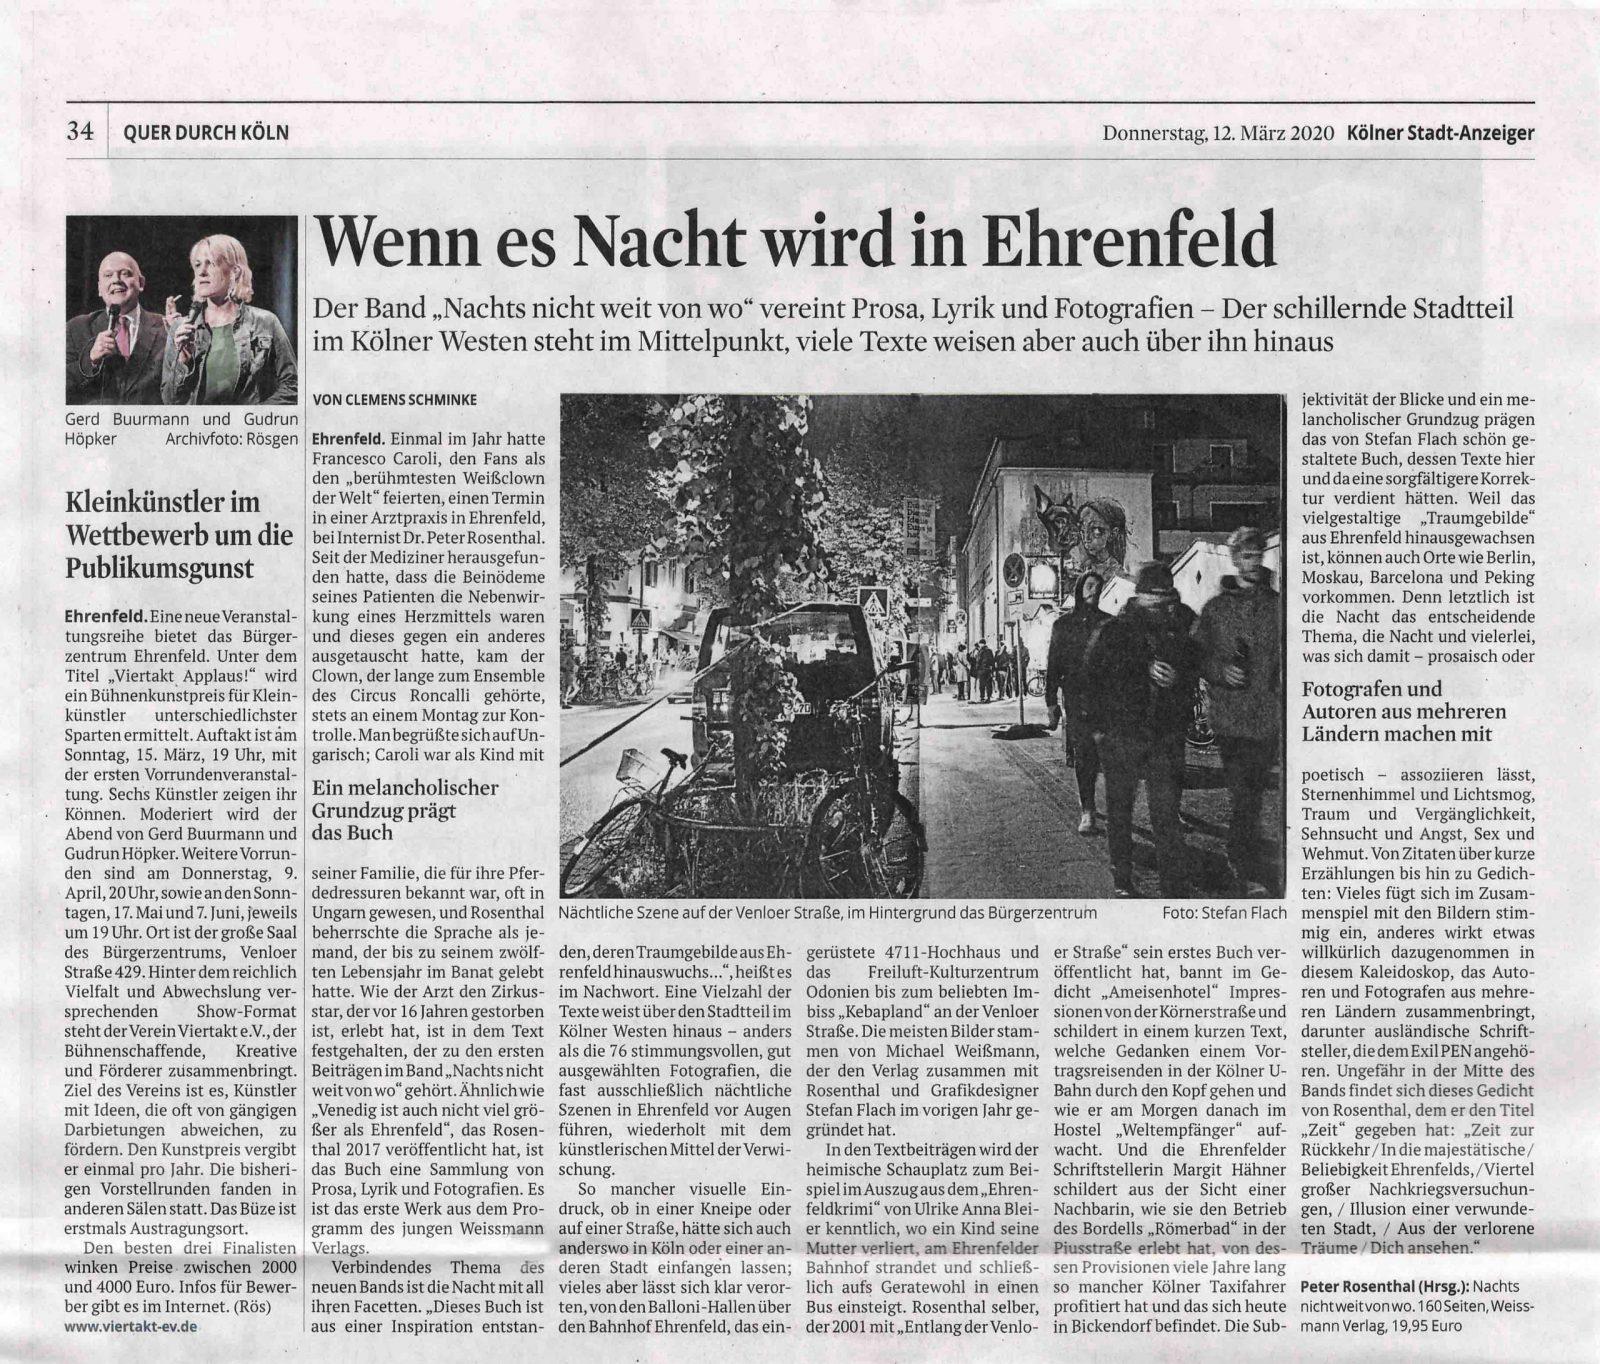 Artikel im Kölner Stadtanzeiger